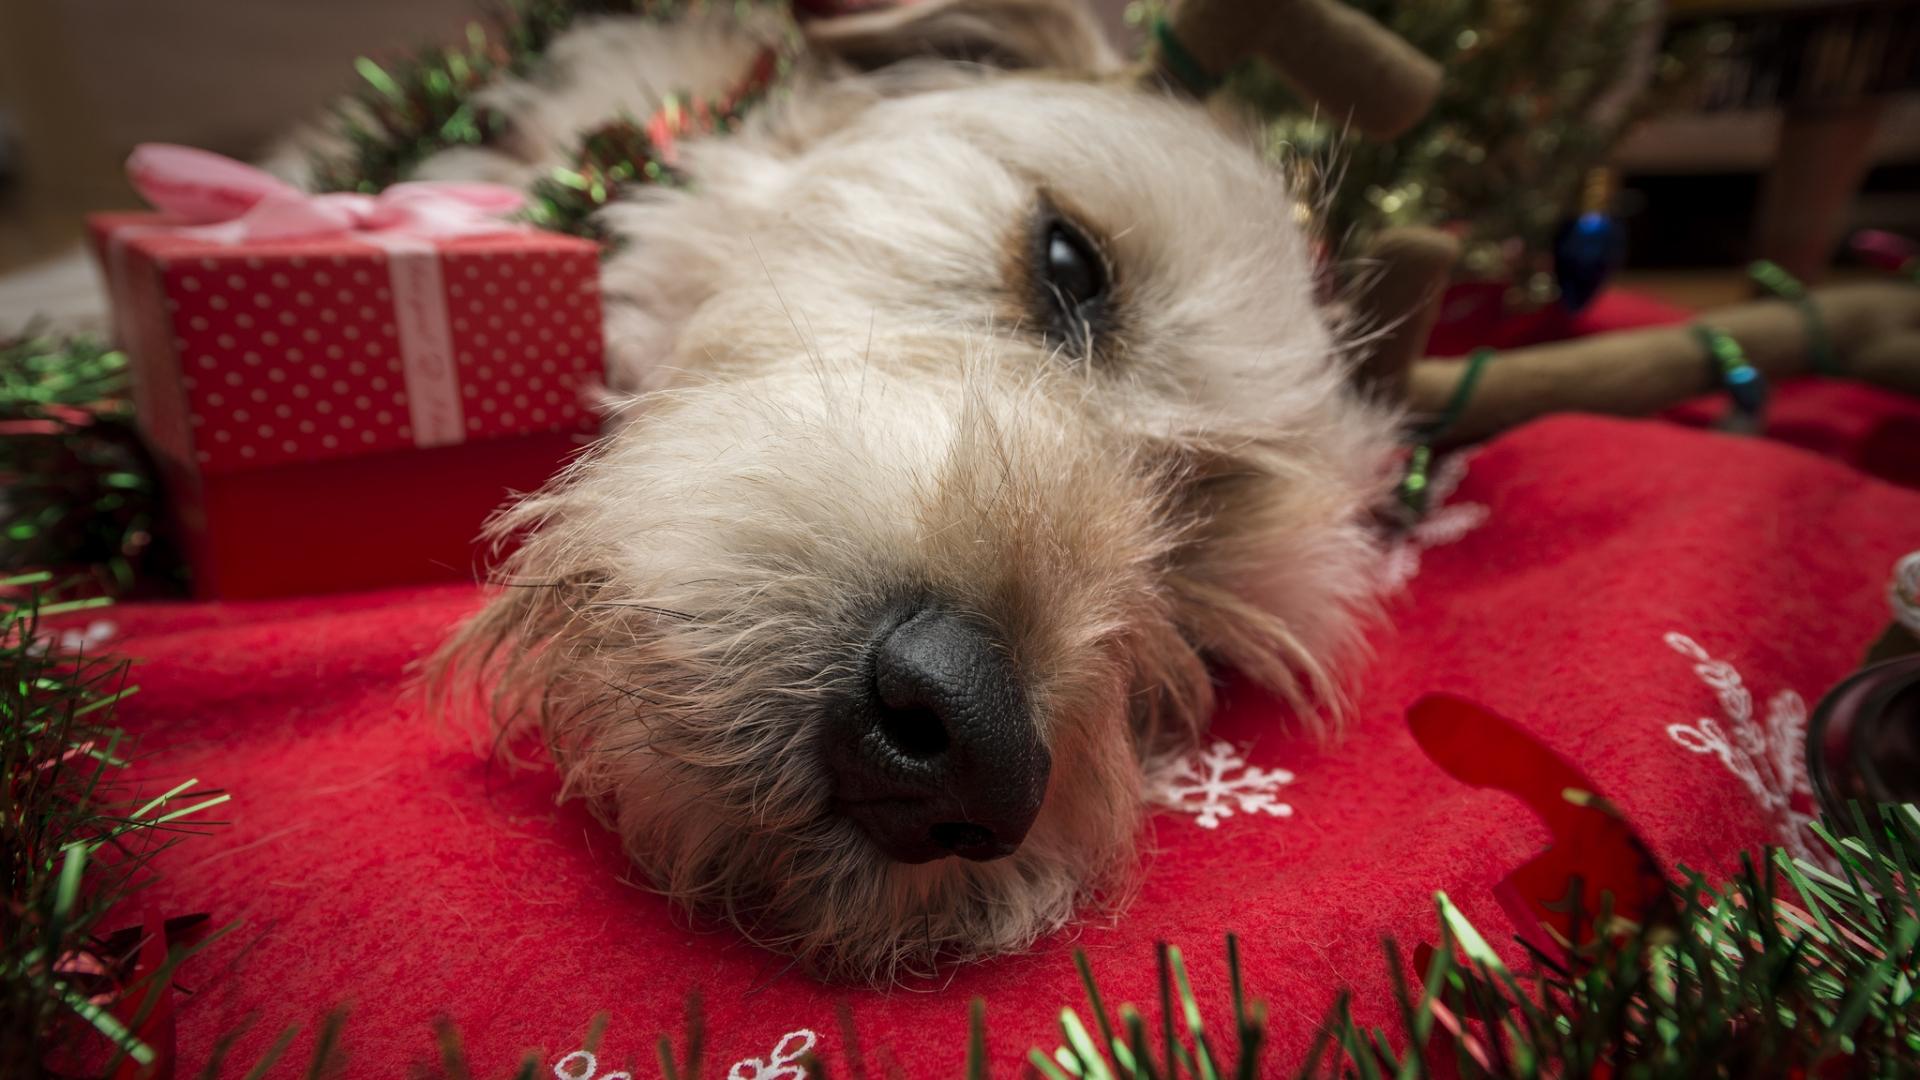 Perro navideño - 1920x1080